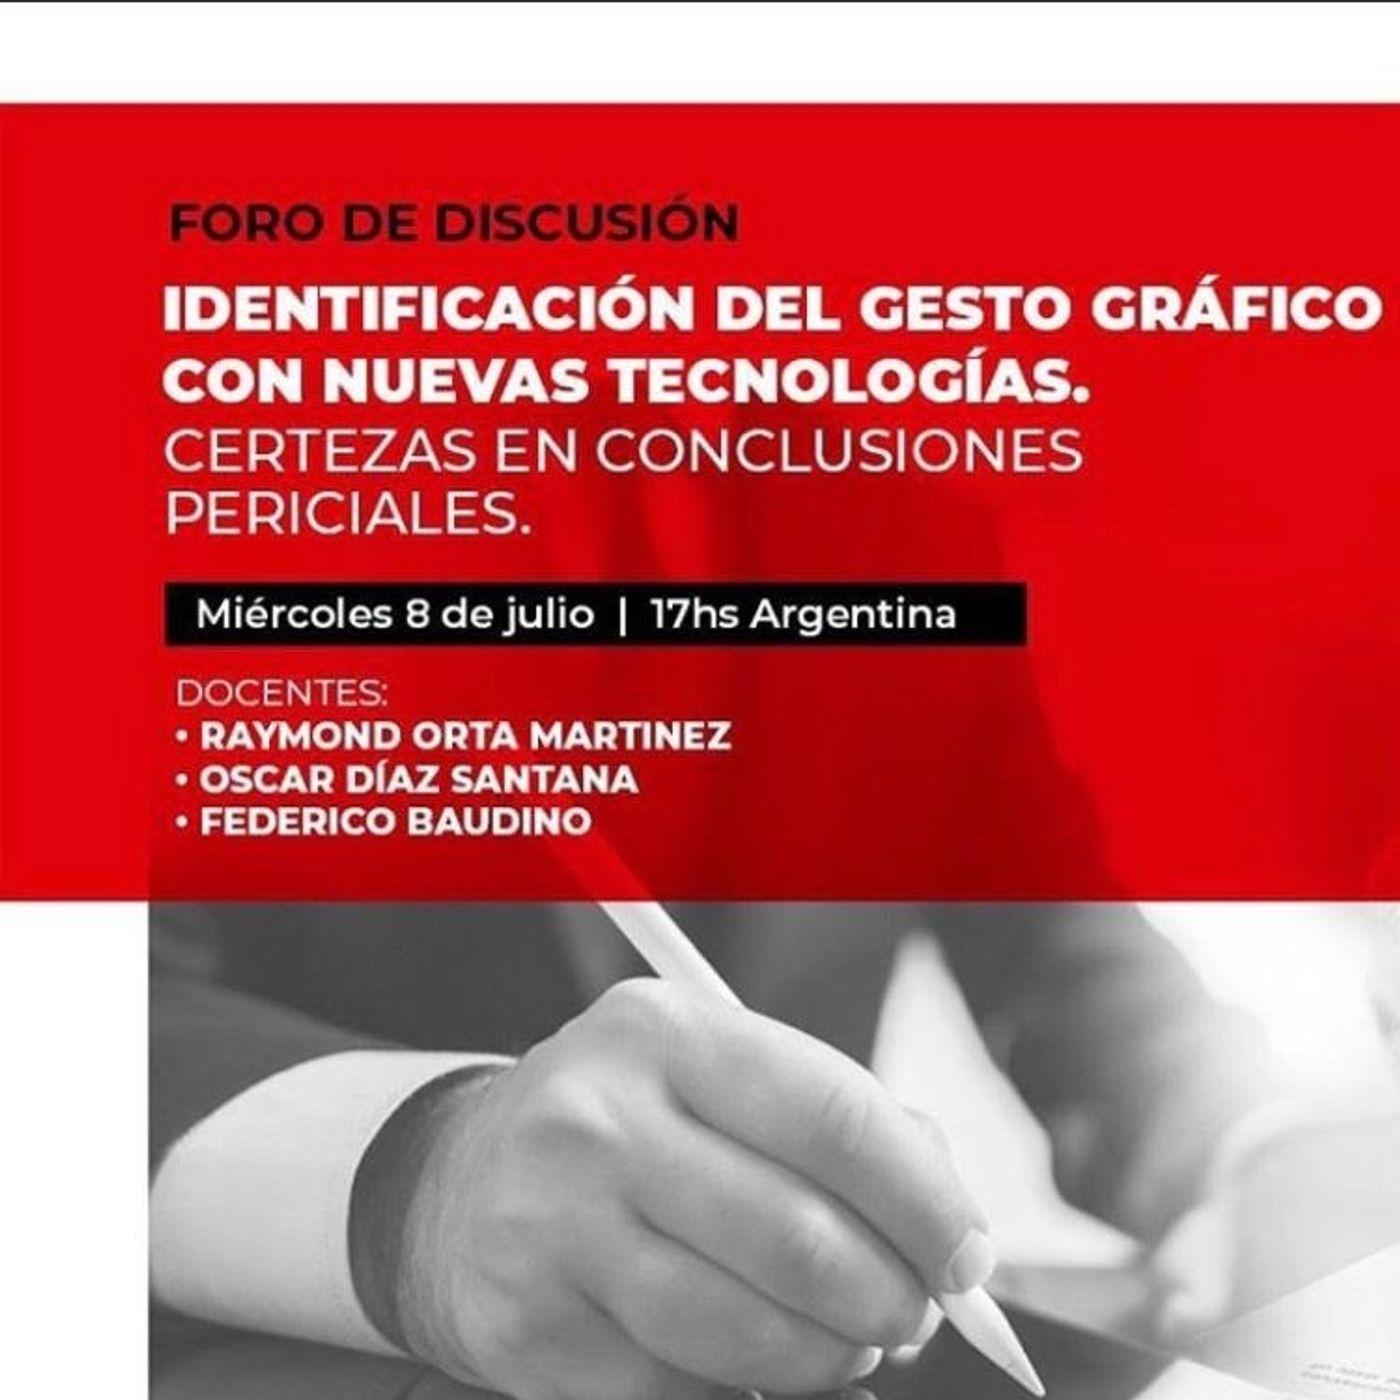 Identificación del gesto gráfico con nuevas tecnologías y Certezas en Conclusiones Periciales